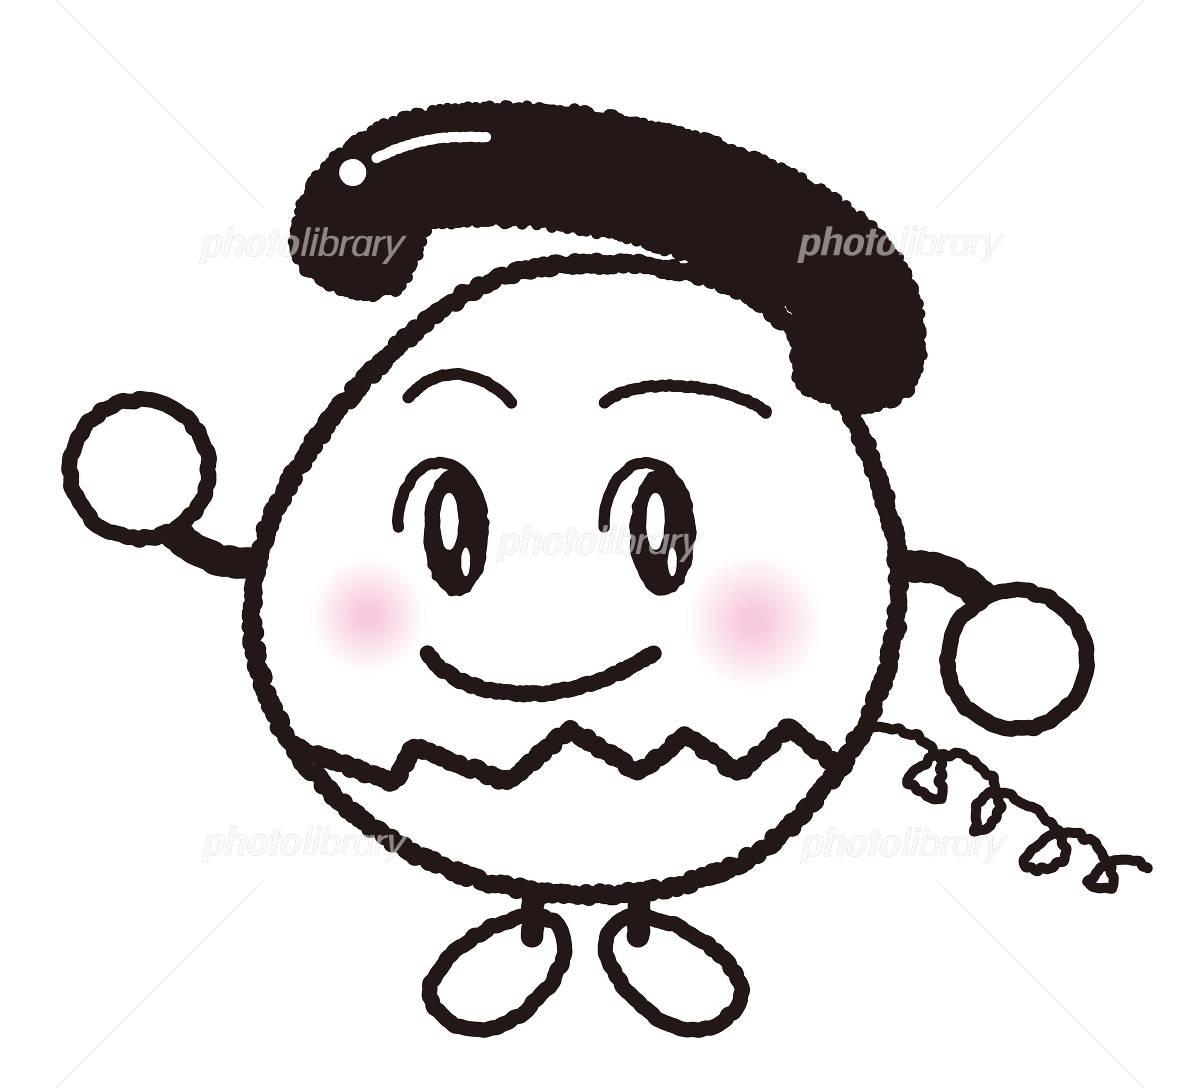 電話のイメージキャラクター手描き風 イラスト素材 492700